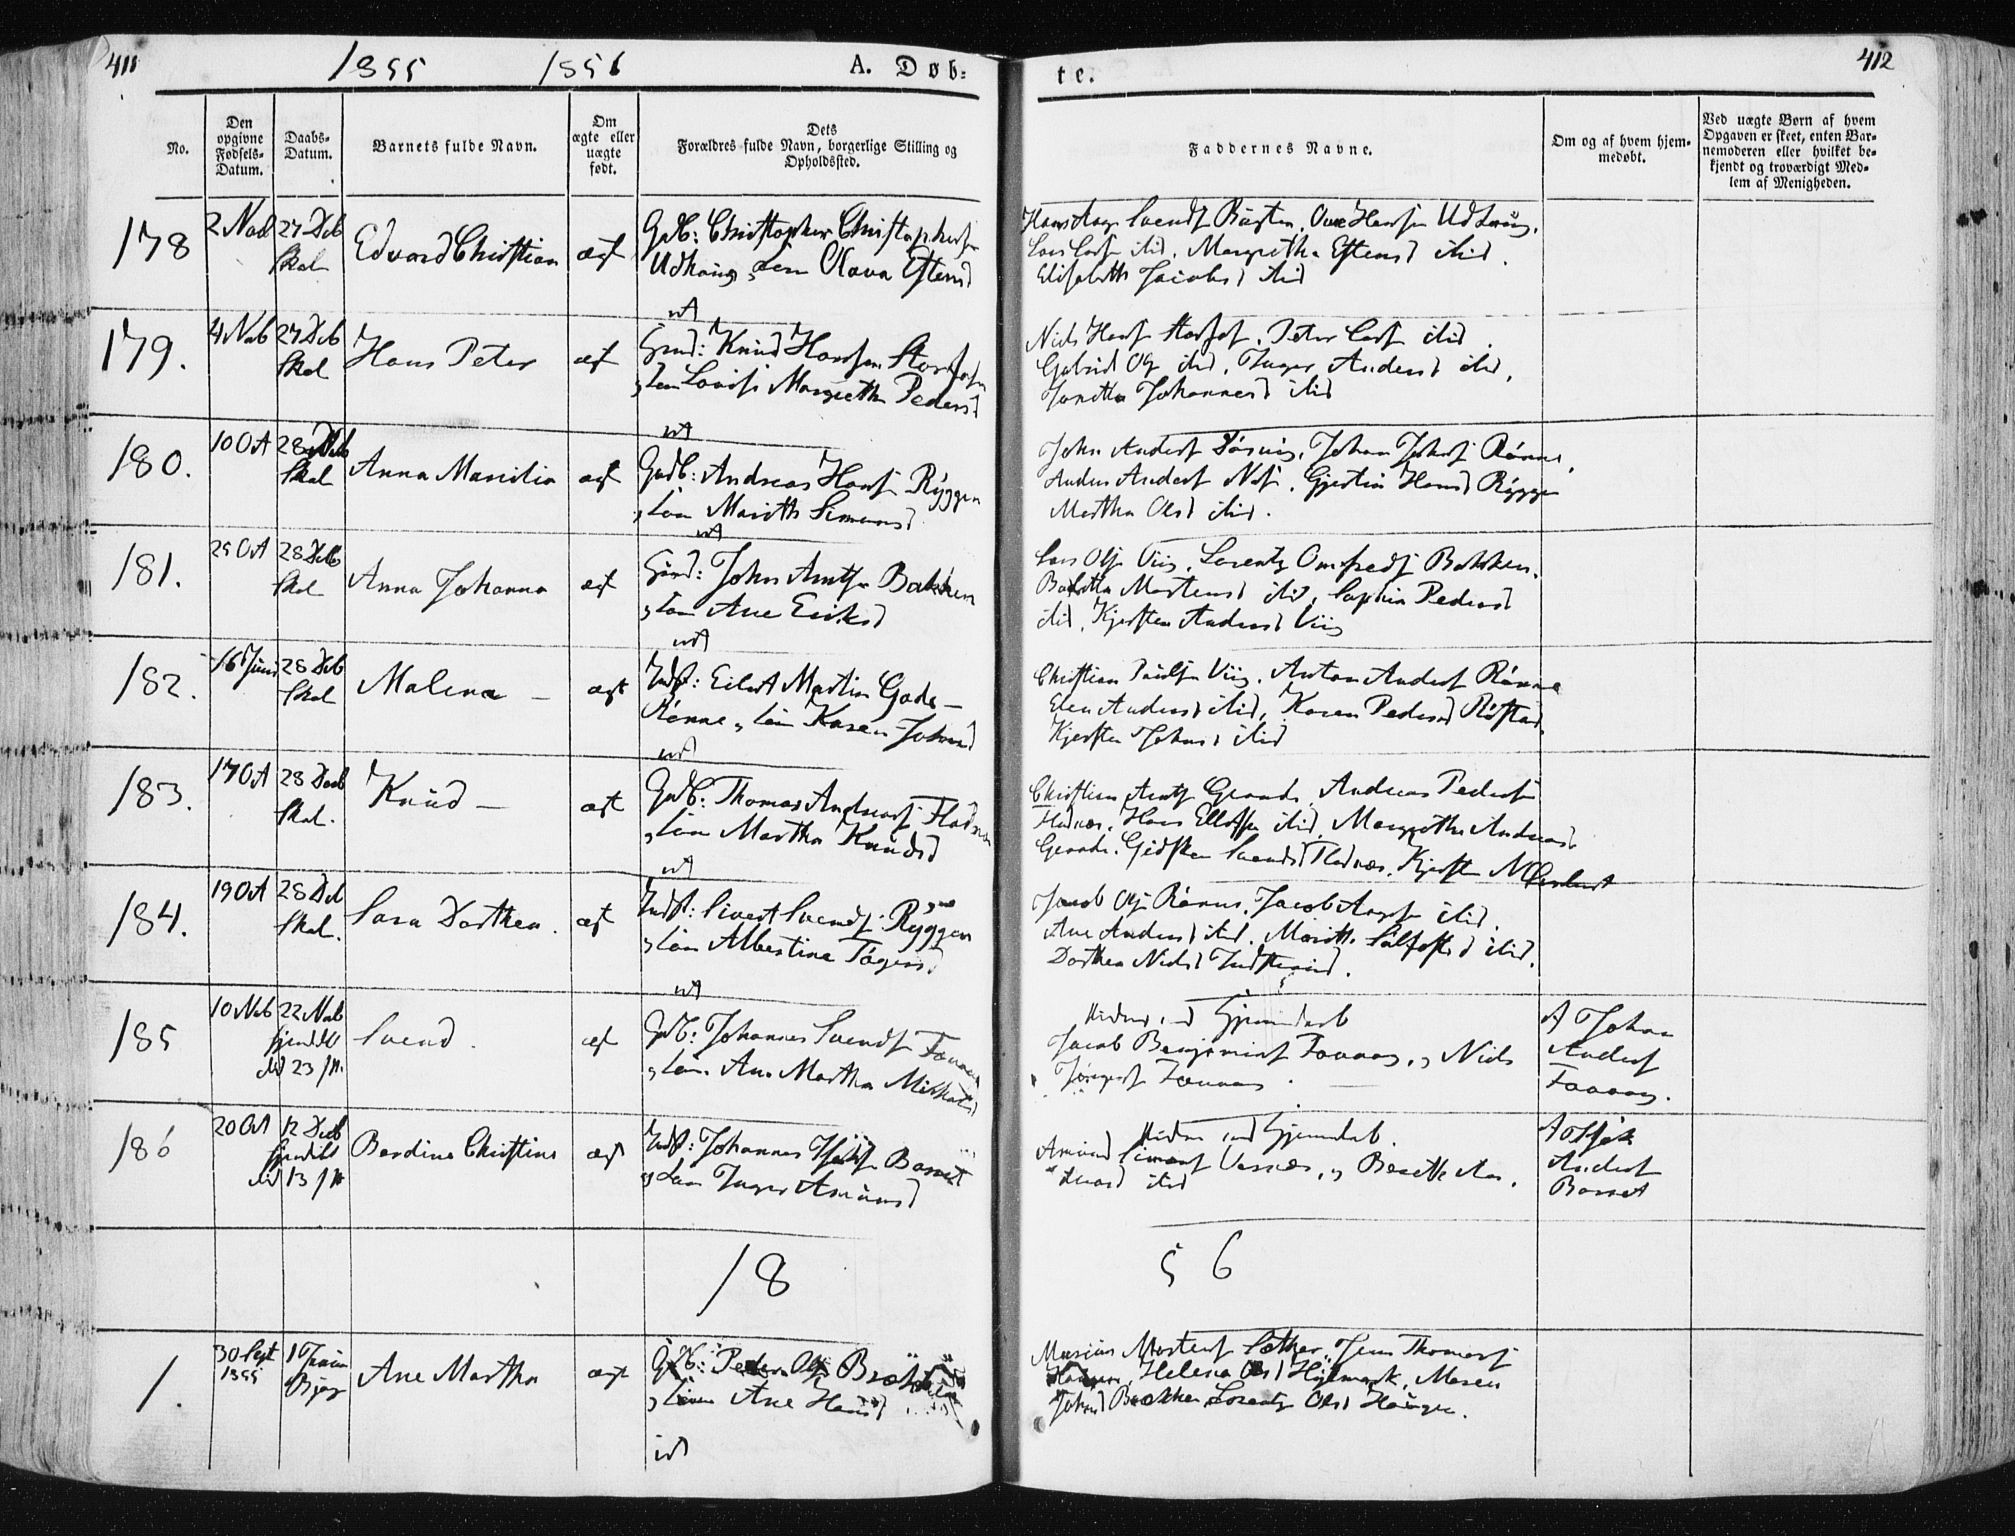 SAT, Ministerialprotokoller, klokkerbøker og fødselsregistre - Sør-Trøndelag, 659/L0736: Ministerialbok nr. 659A06, 1842-1856, s. 411-412